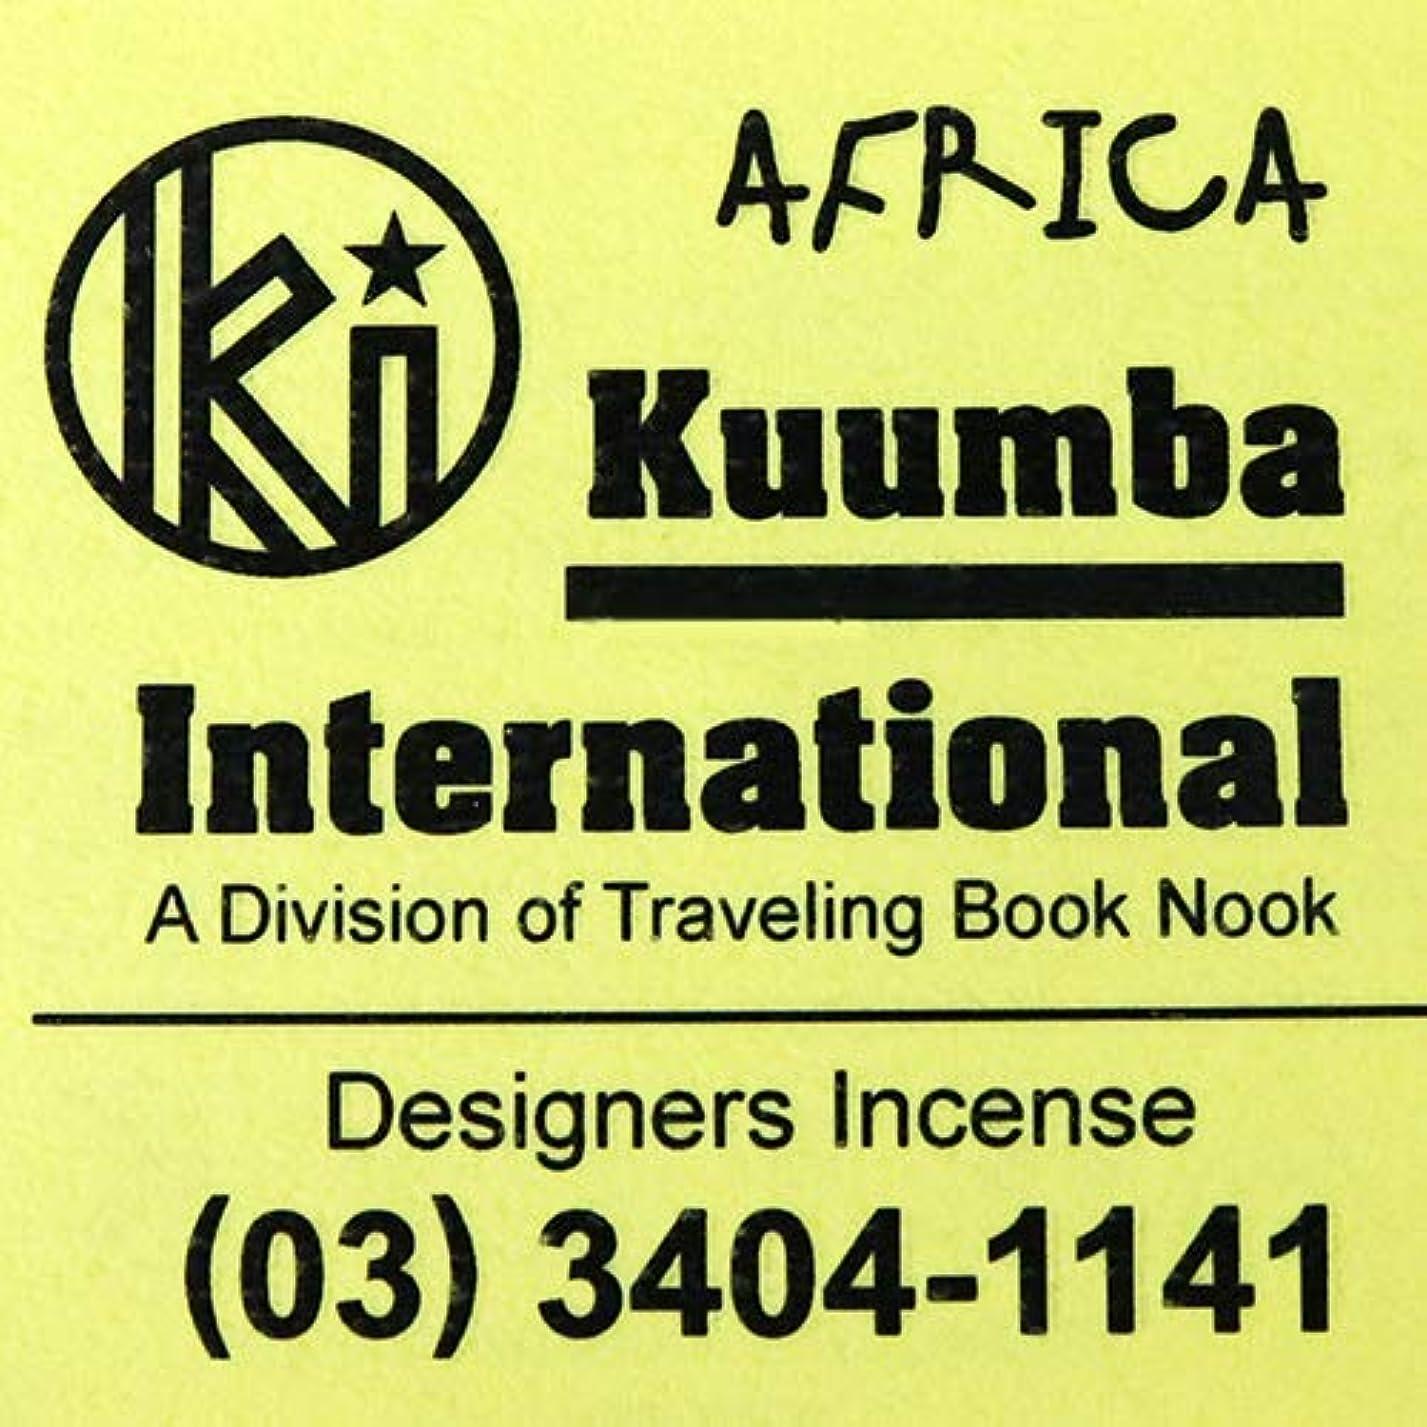 インタフェースハンドブック治世(クンバ) KUUMBA『incense』(AFRICA) (AFRICA, Regular size)